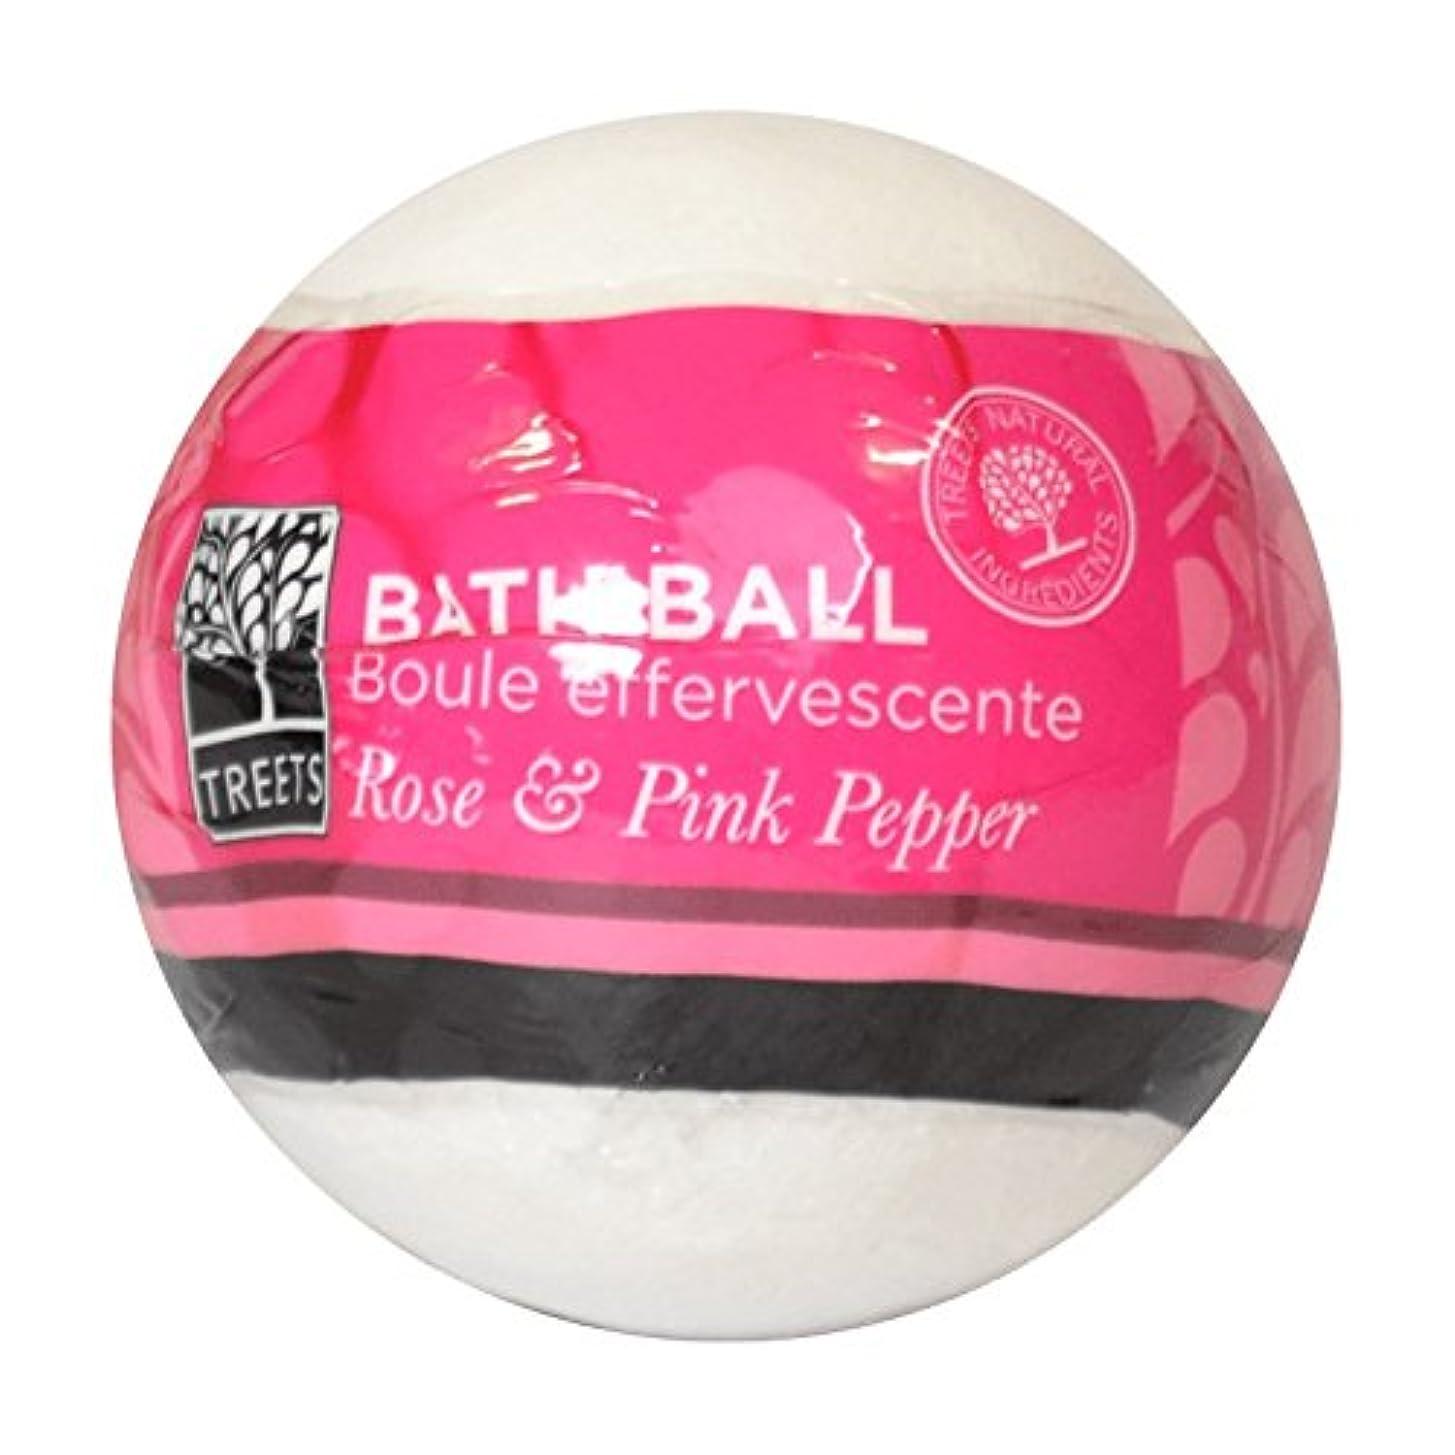 安全性にはまって非公式Treetsローズ&ピンクペッパーバスボール180グラム - Treets Rose & Pink Pepper Bath Ball 180g (Treets) [並行輸入品]